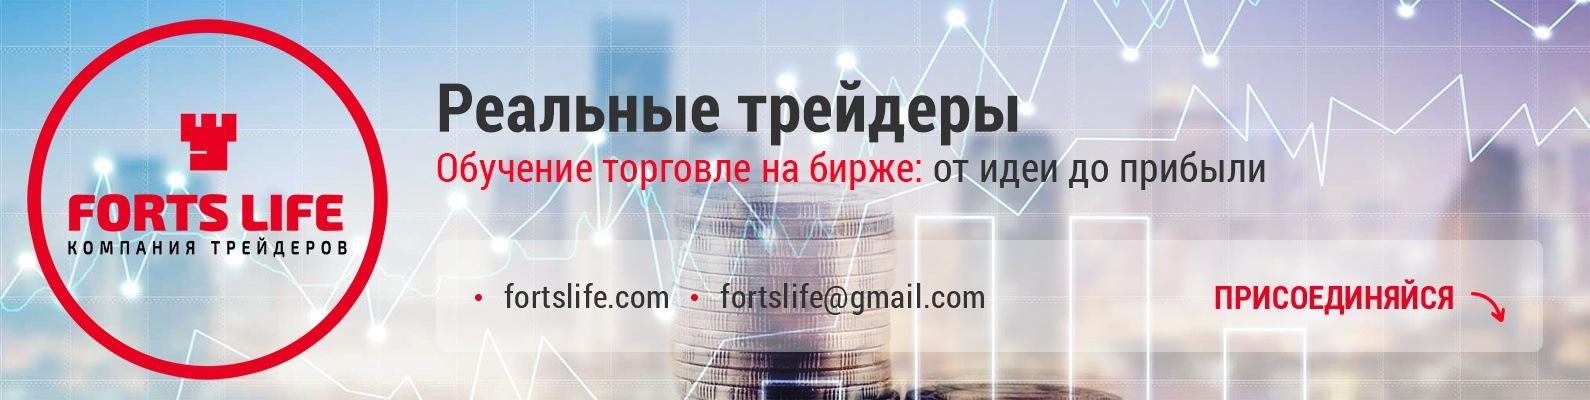 Торговля на бирже обучение в калининграде форекс виртуальные деньги